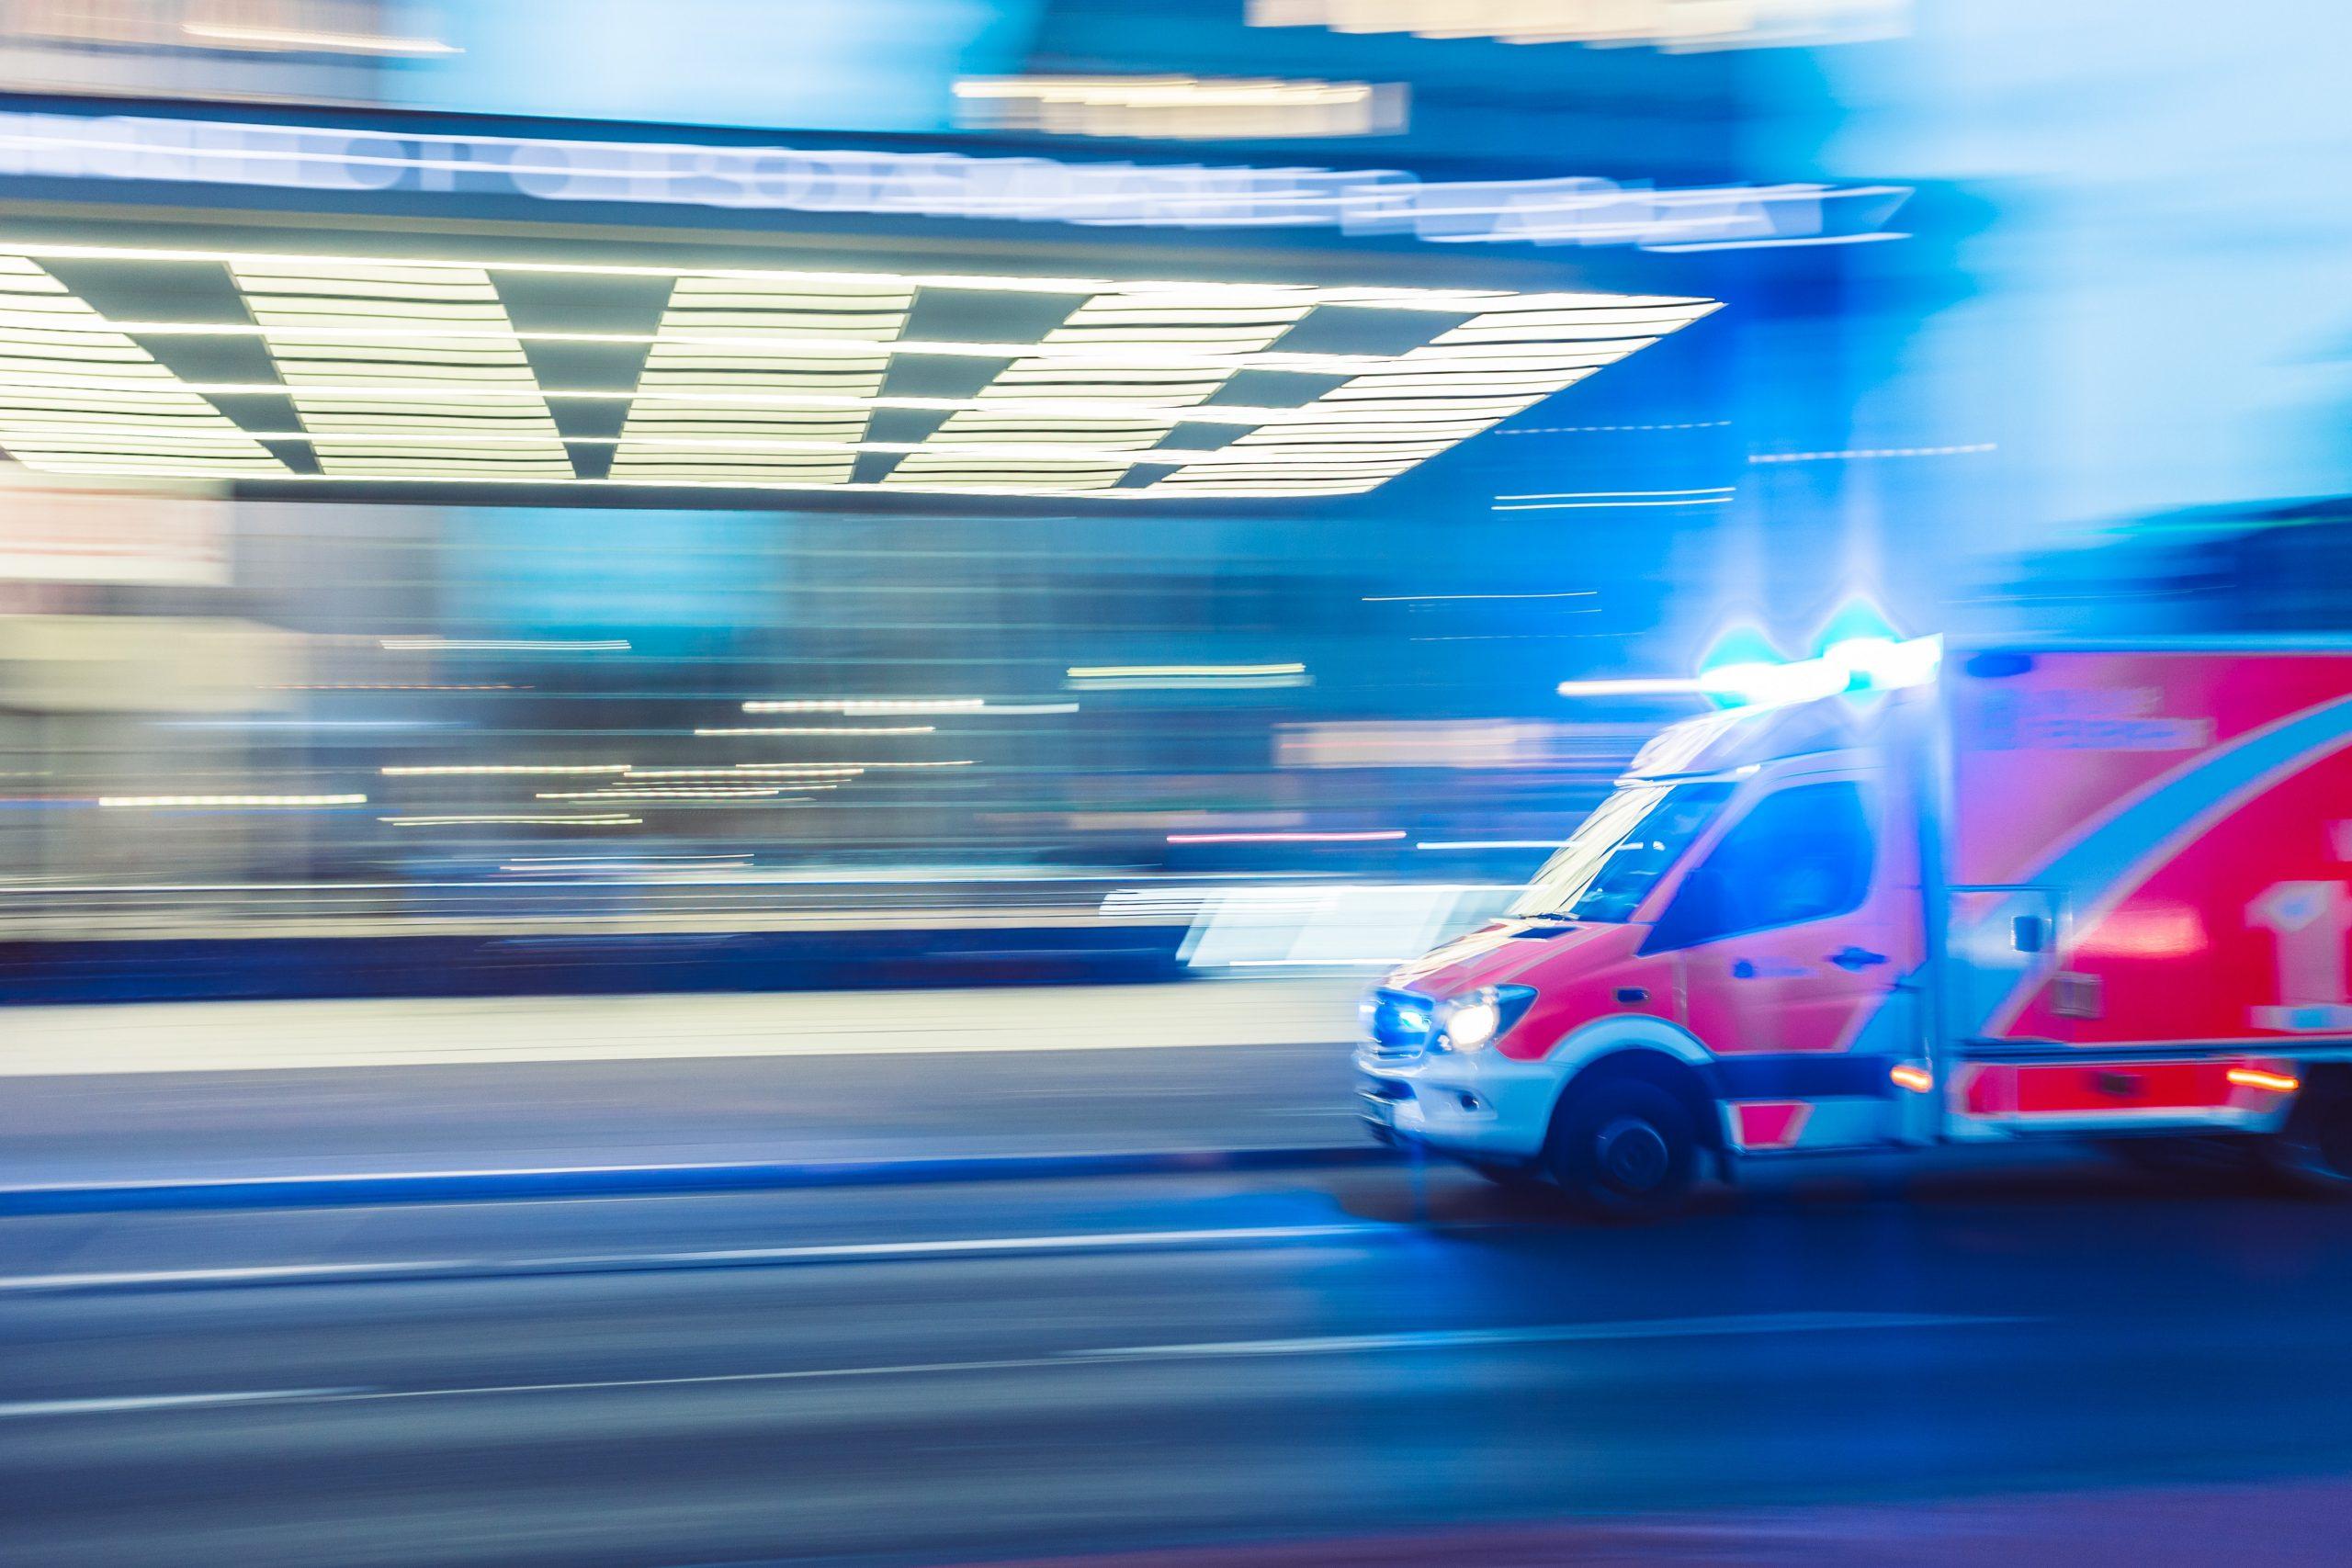 サイバー攻撃で病院のシステムが停止、救急患者が死亡=ドイツ